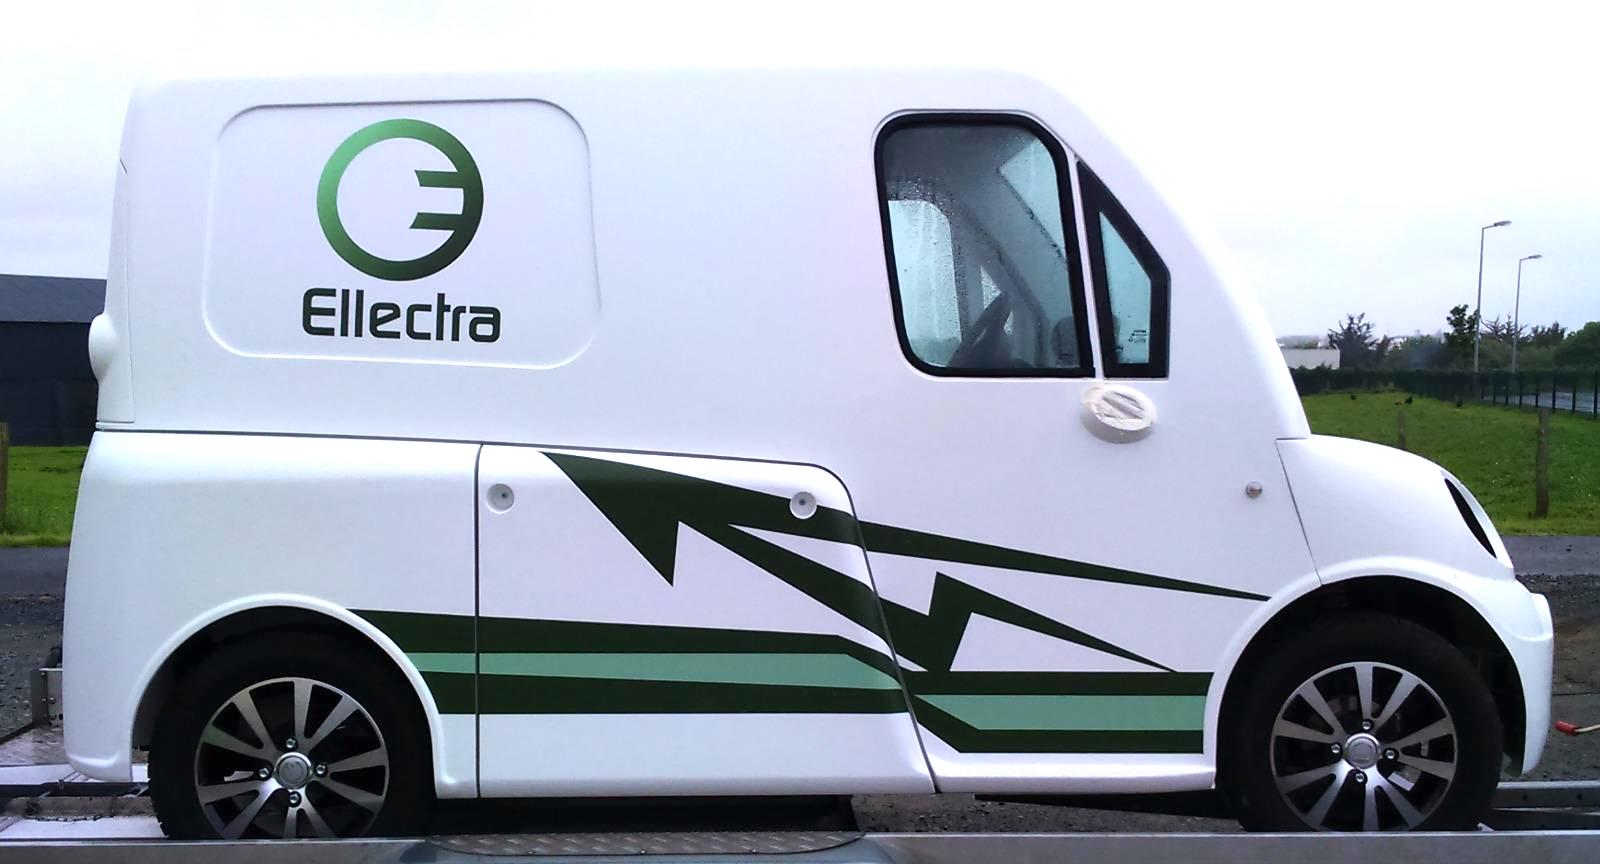 marquage vehicule electrique - guyonnet publicite fontenay le comte vendee